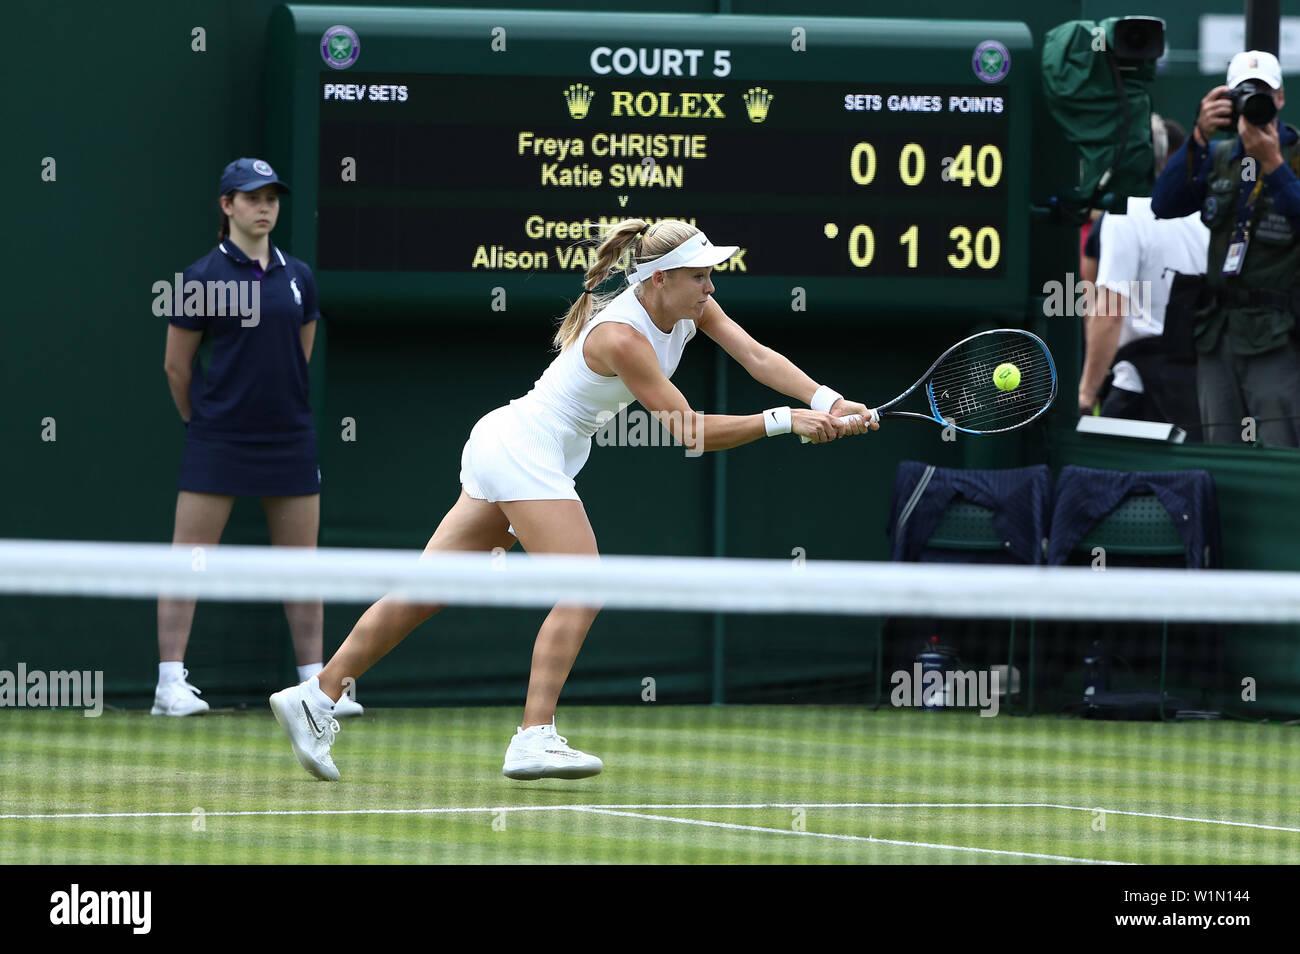 Londres, Reino Unido. Wimbledon, el 03 de julio de 2019, el All England Lawn Tennis y Croquet Club, Wimbledon, Inglaterra, Torneo de Tenis de Wimbledon, el día 3; Katie swan devuelve el crédito de servicio: Además de los deportes de acción Images/Alamy Live News Foto de stock